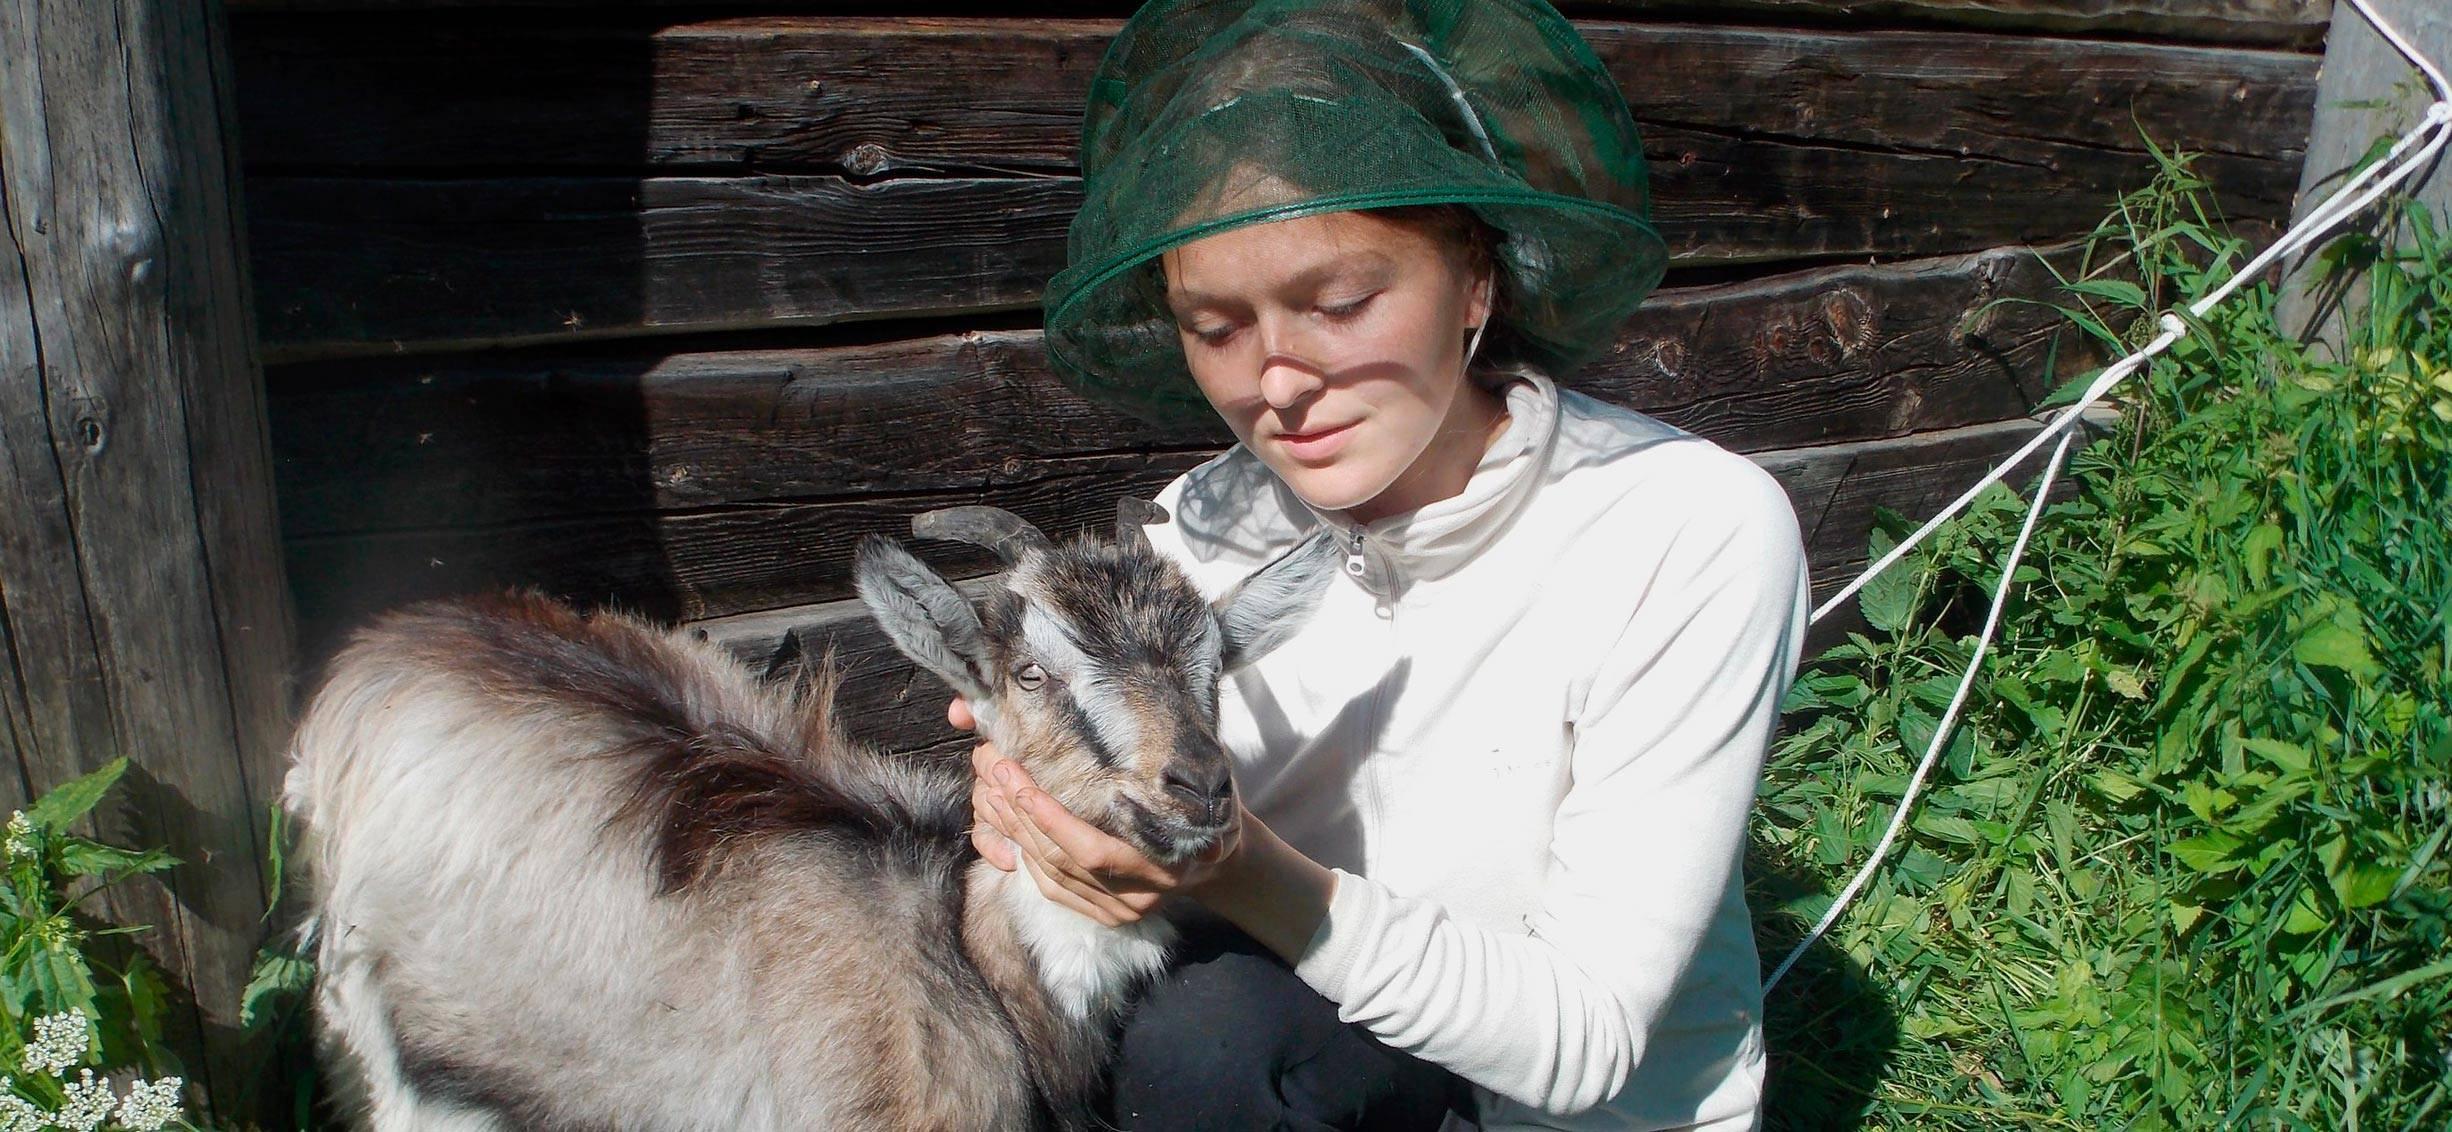 Содержание коз: способы разведения в домашних условиях. рентабельность разведения коз, подбор корма и особенности ухода (100 фото)